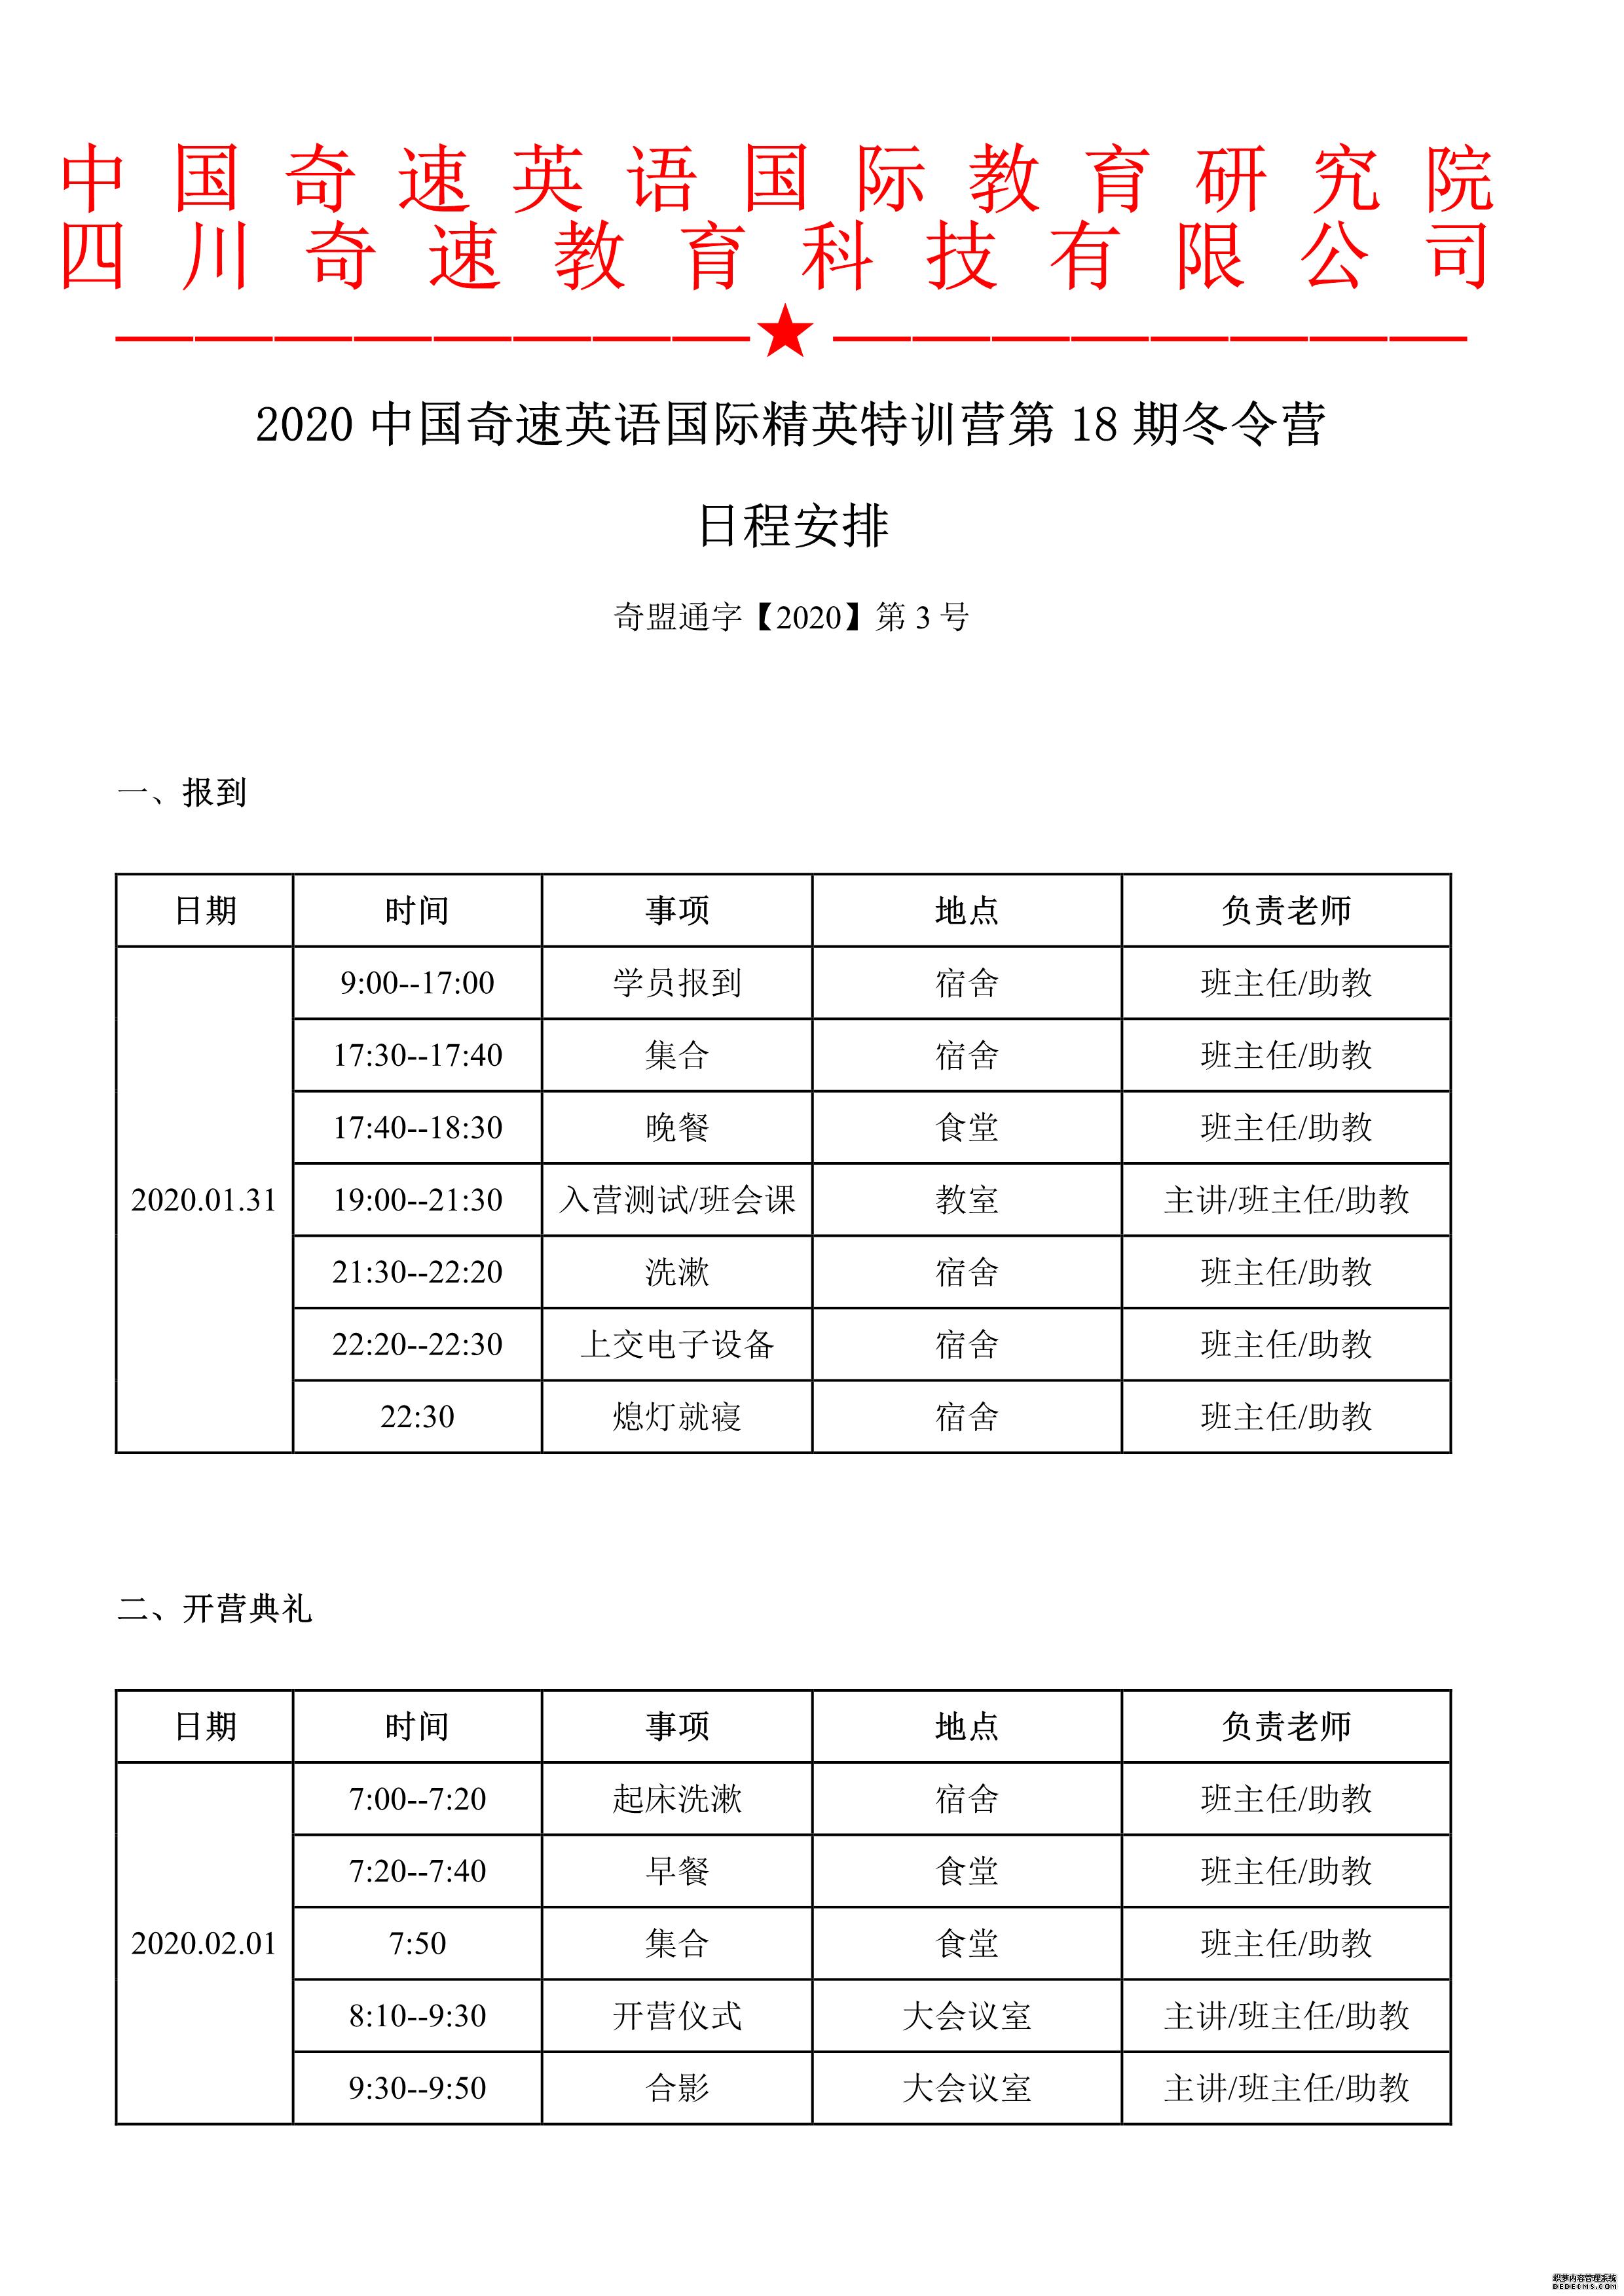 2020中国奇速英语国际精英特训营第18期冬令营集训日程安排